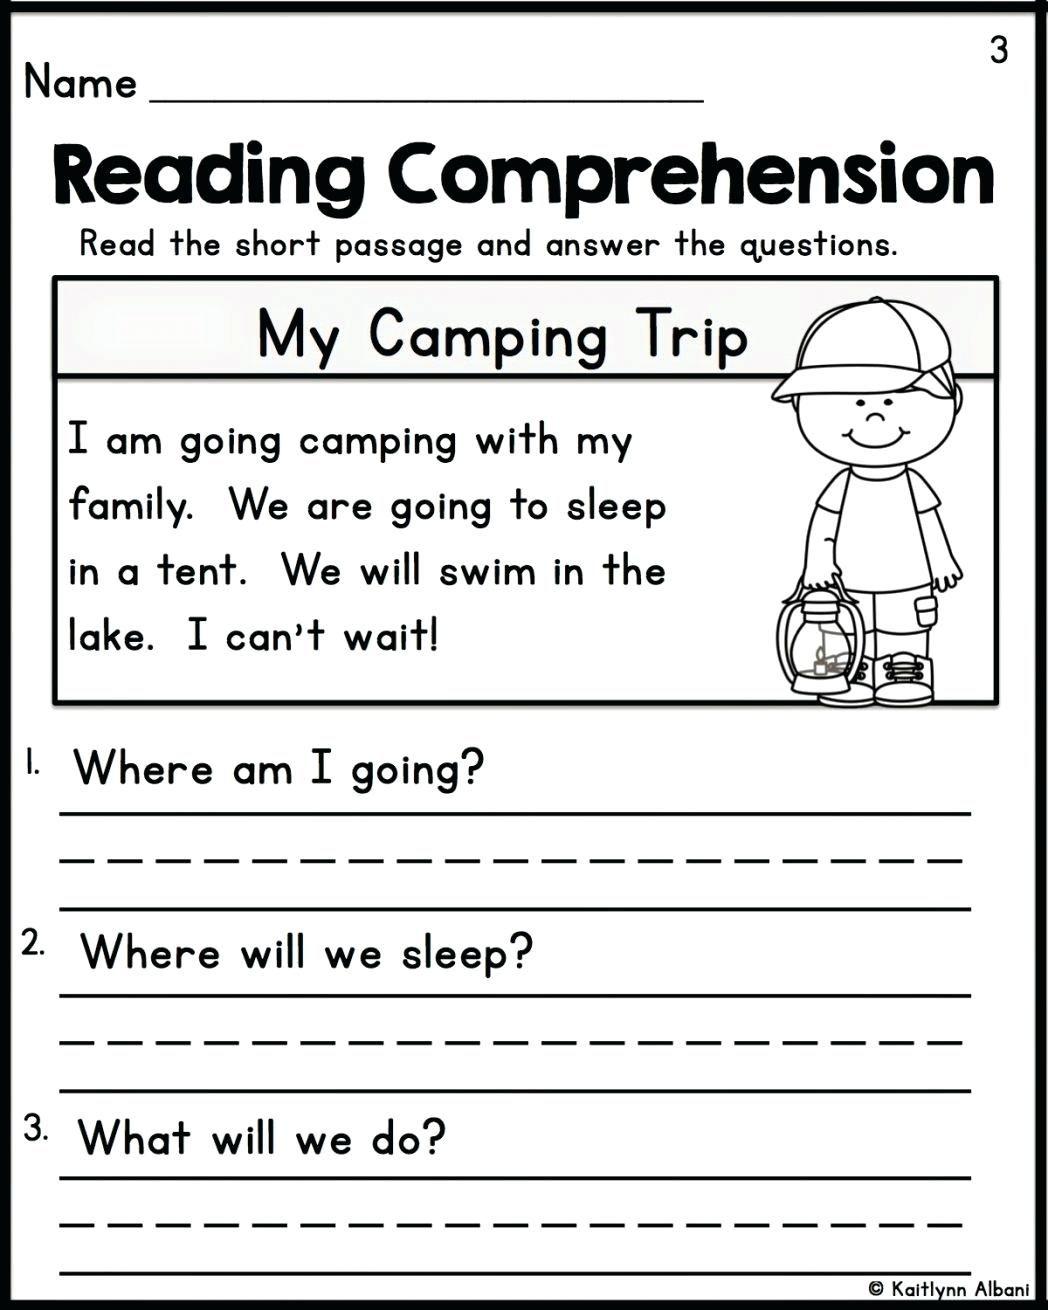 Comprehension Worksheets For Grade 2 In